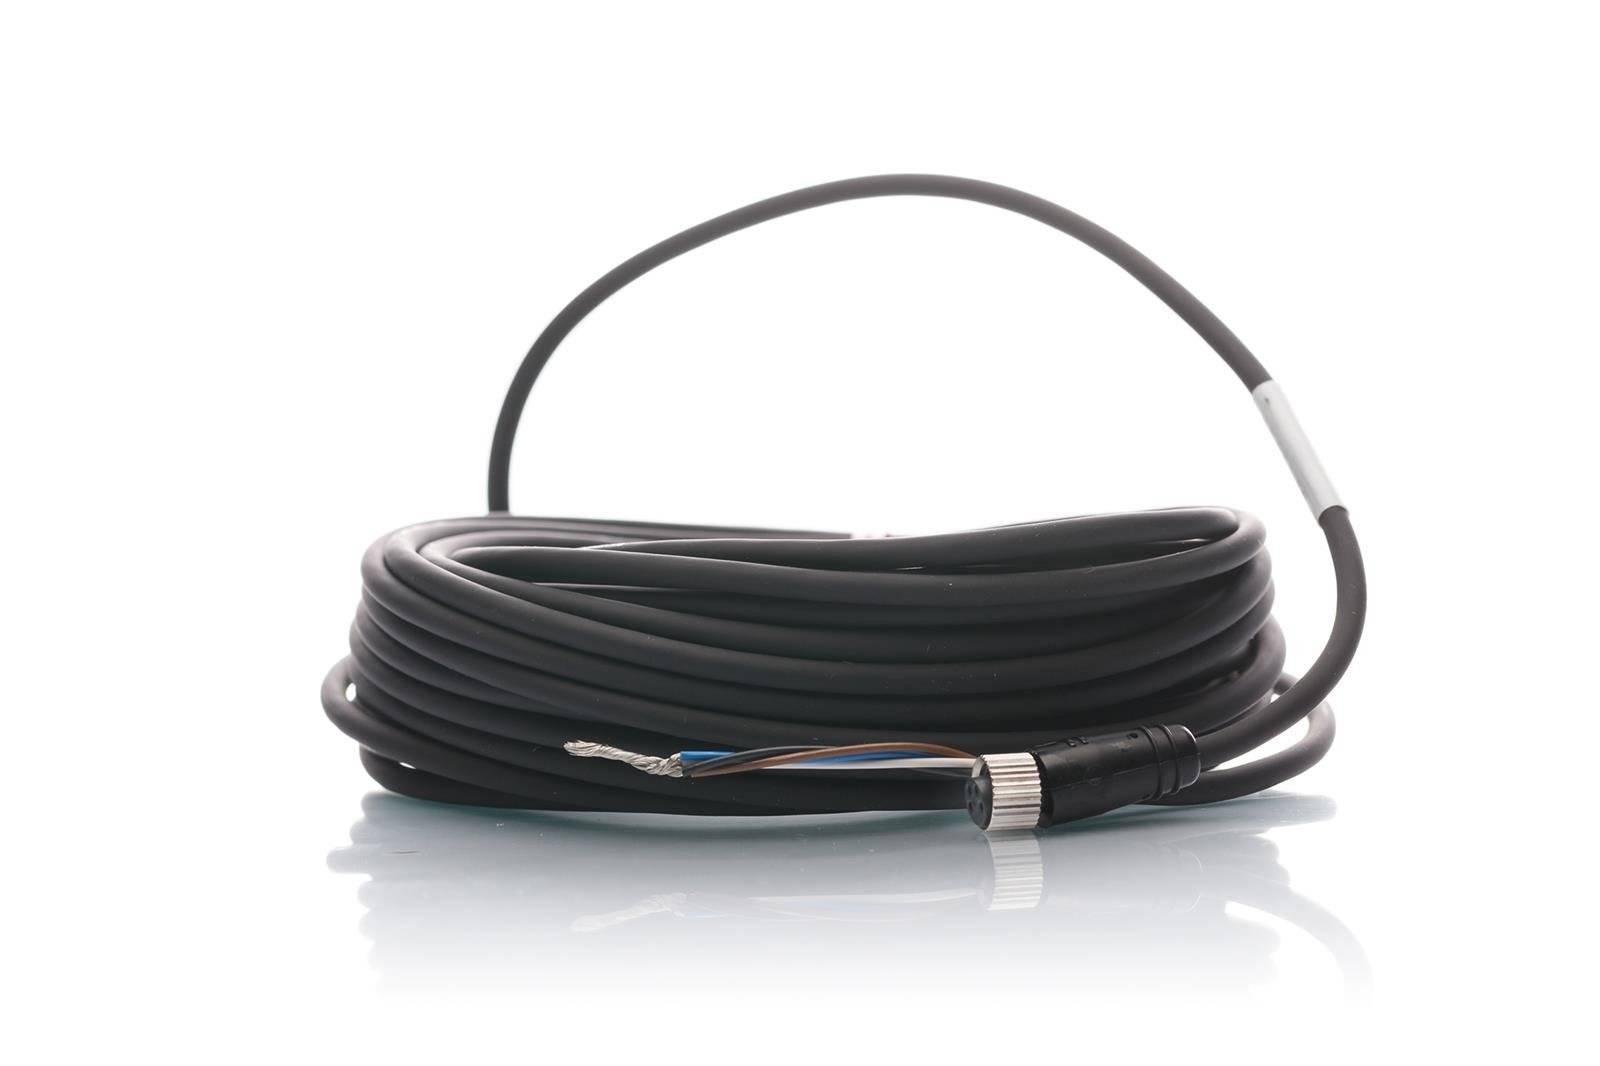 Keyence Verbindungskabel, M8, gerade, 2 m, PVC OP-73864